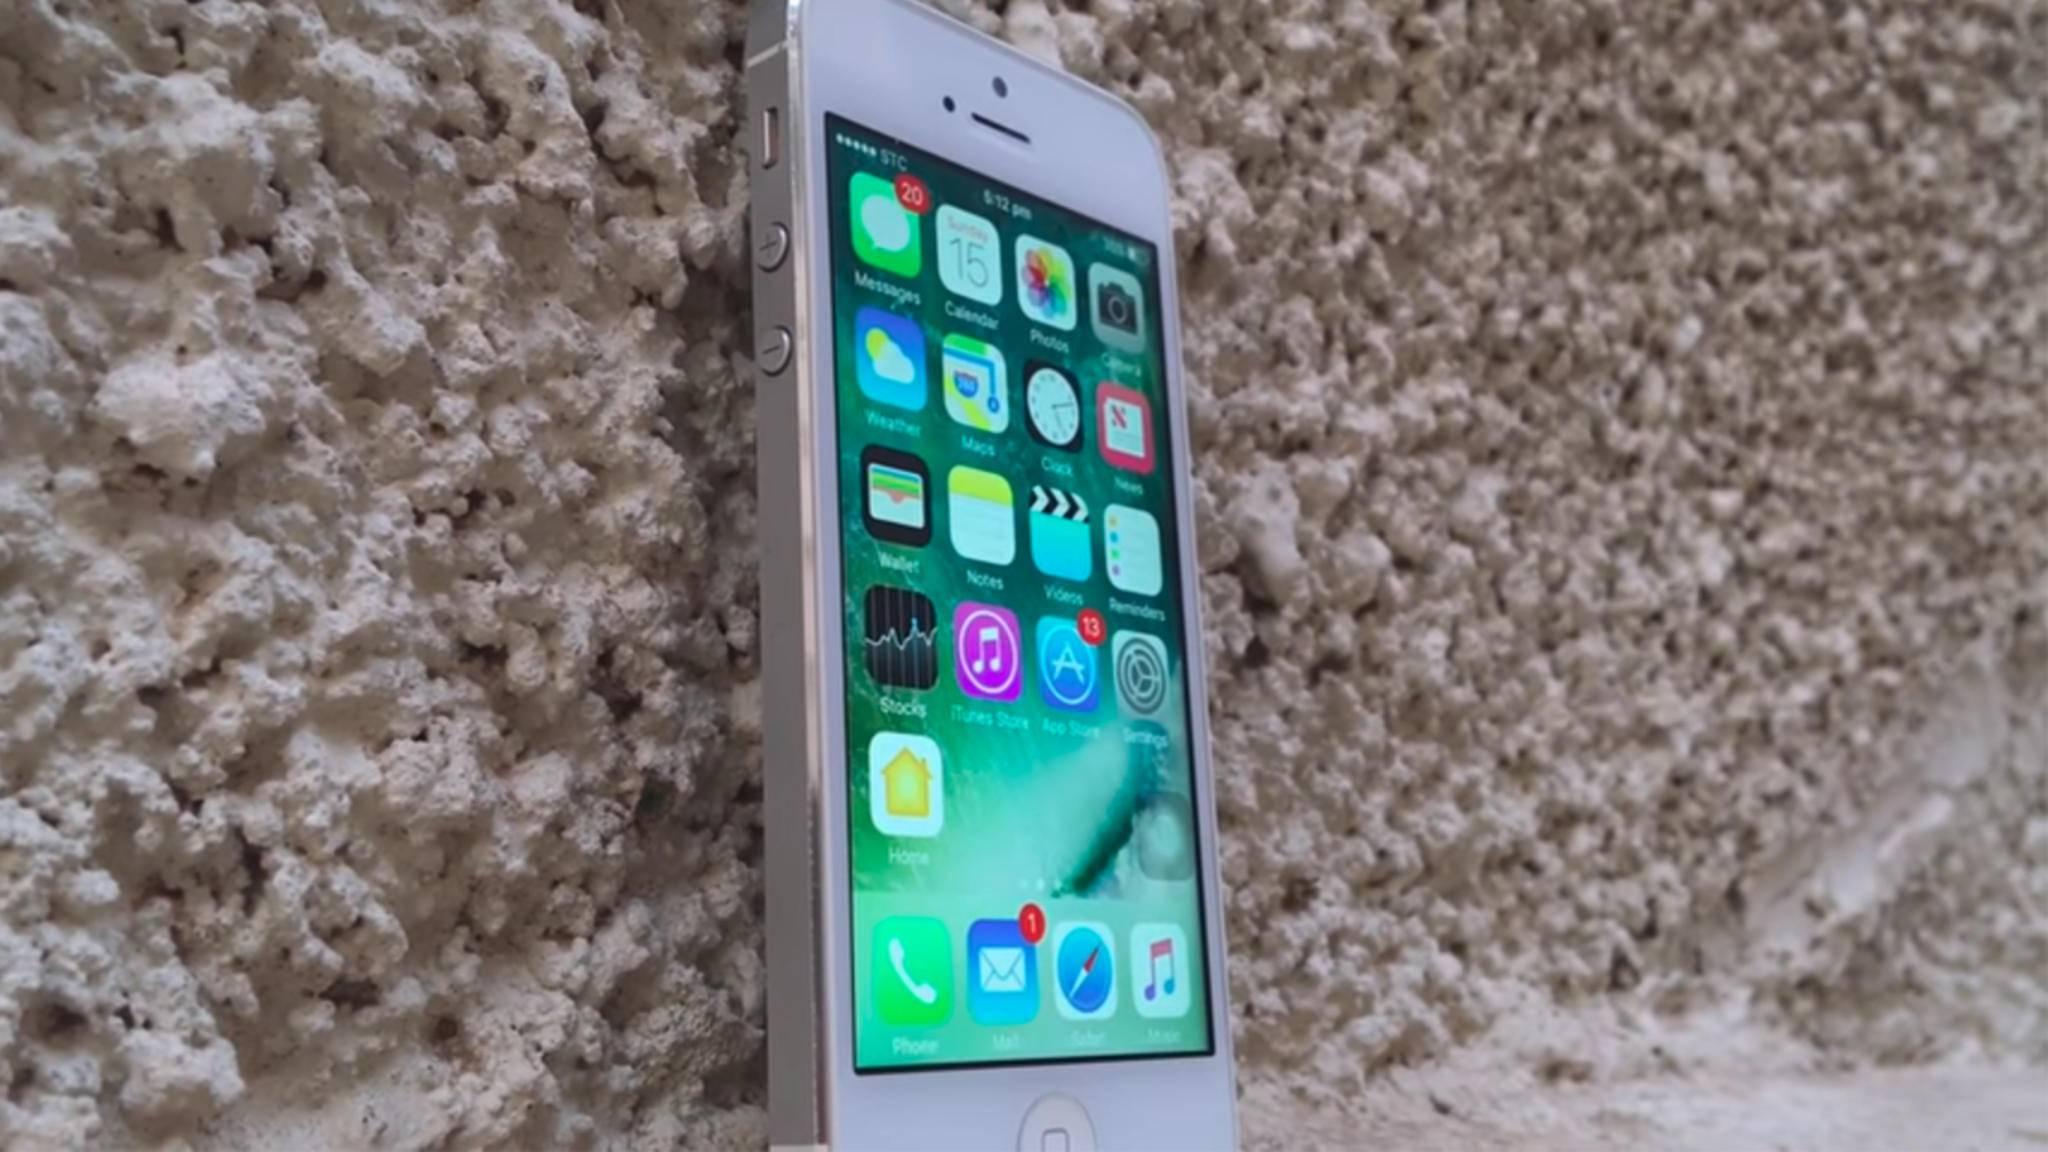 Das iPhone 5 einer chinesischen Mutter ist jetzt für 47 Jahre gesperrt.